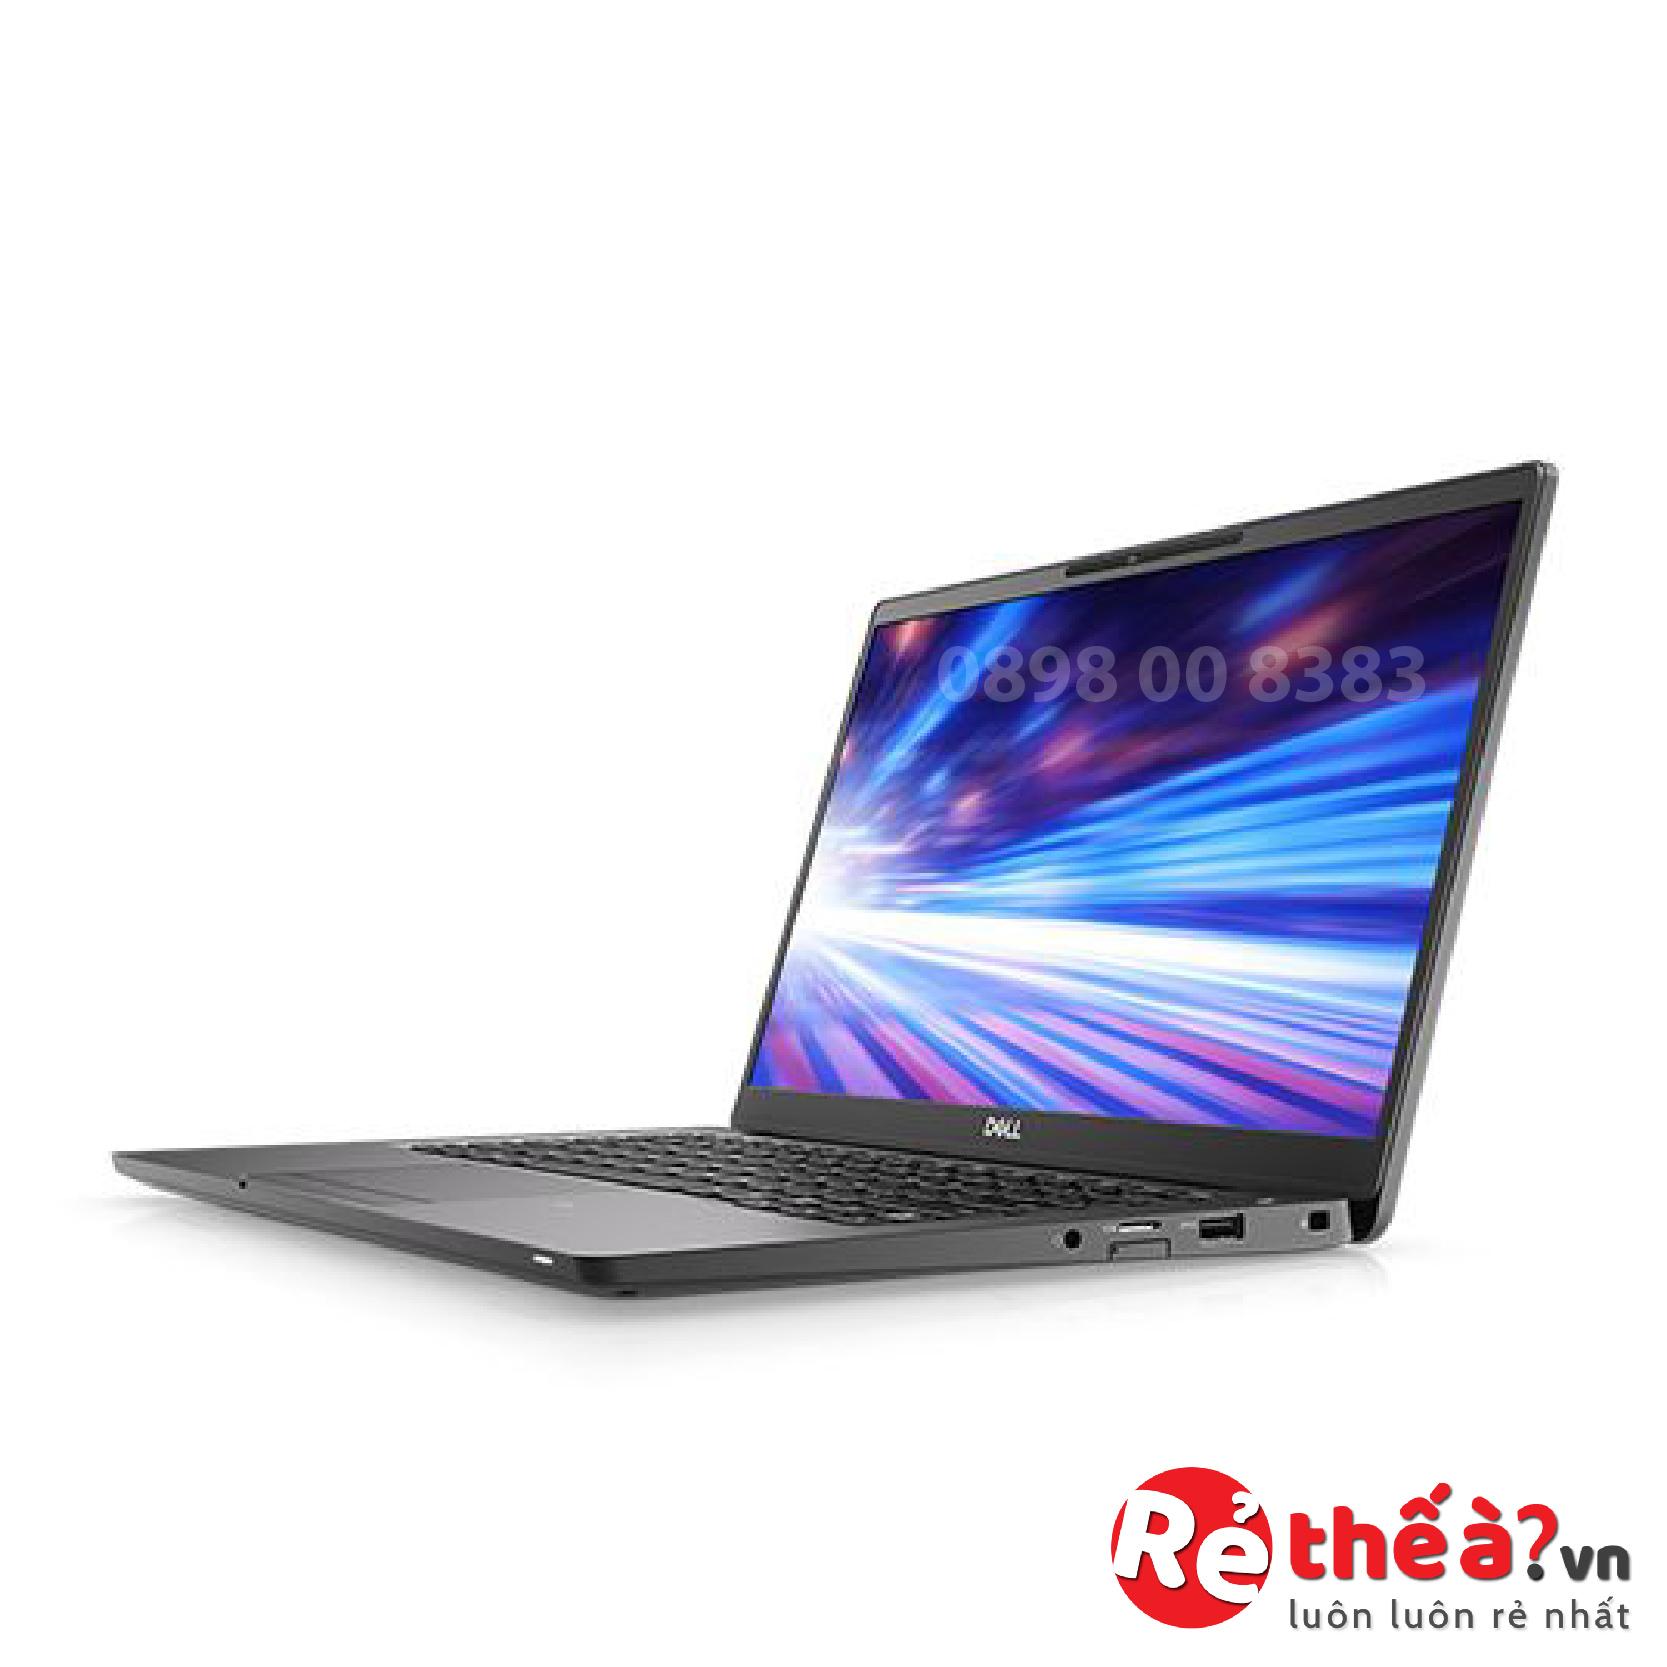 Laptop Dell Latitude E7400